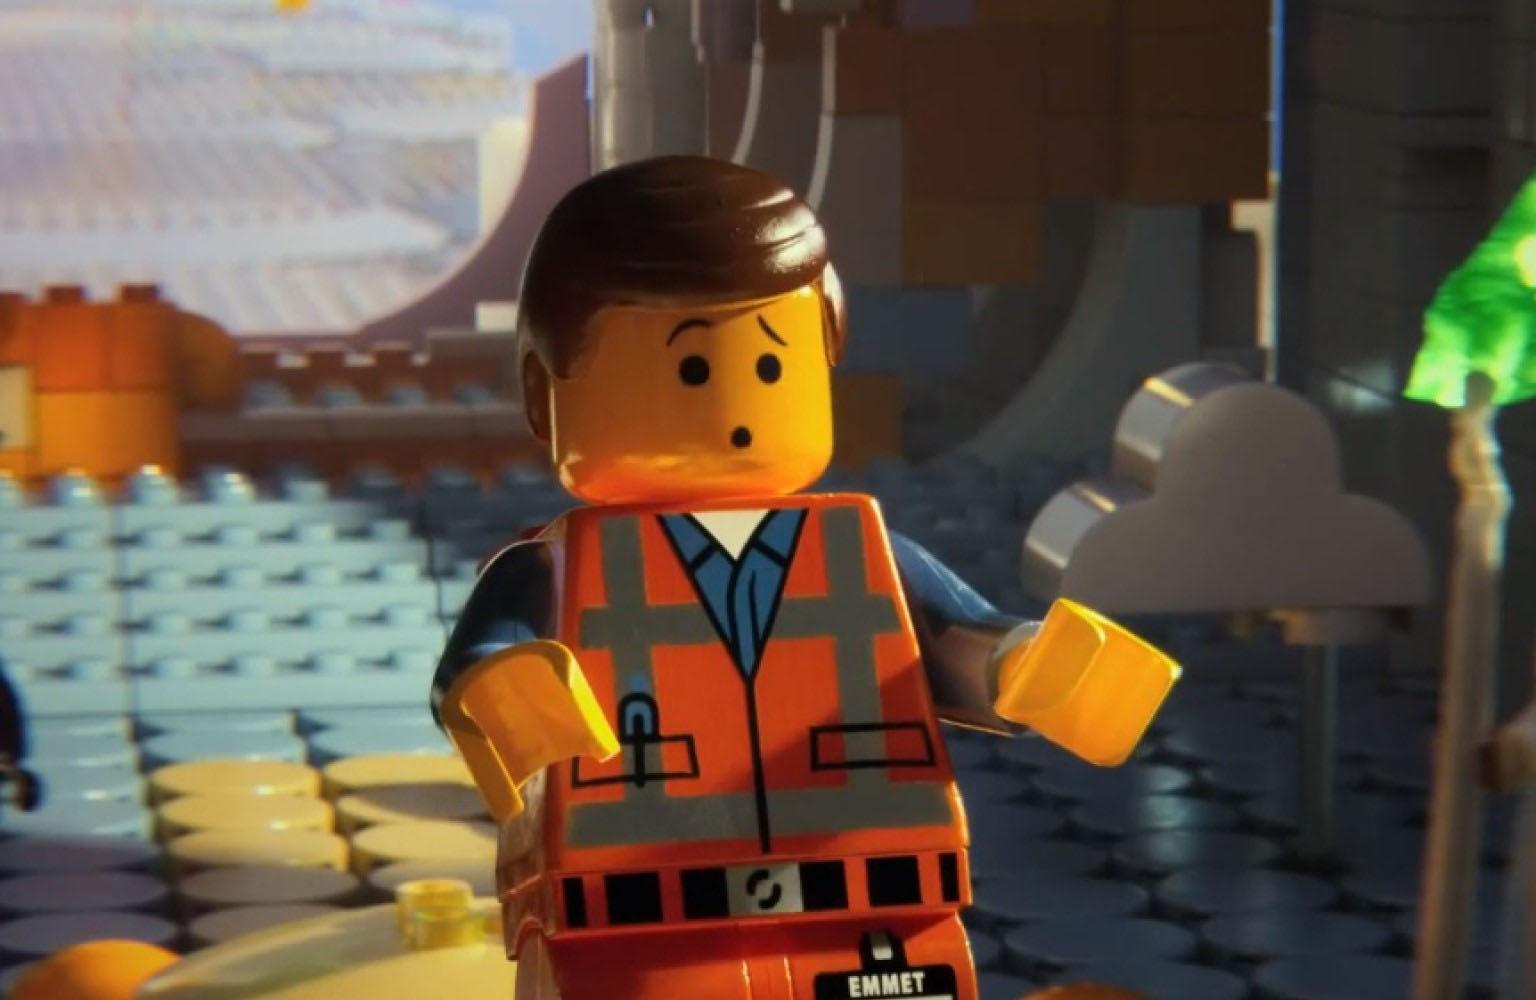 La desarrolladora de juguetes, Lego, prepara nuevas estrategias